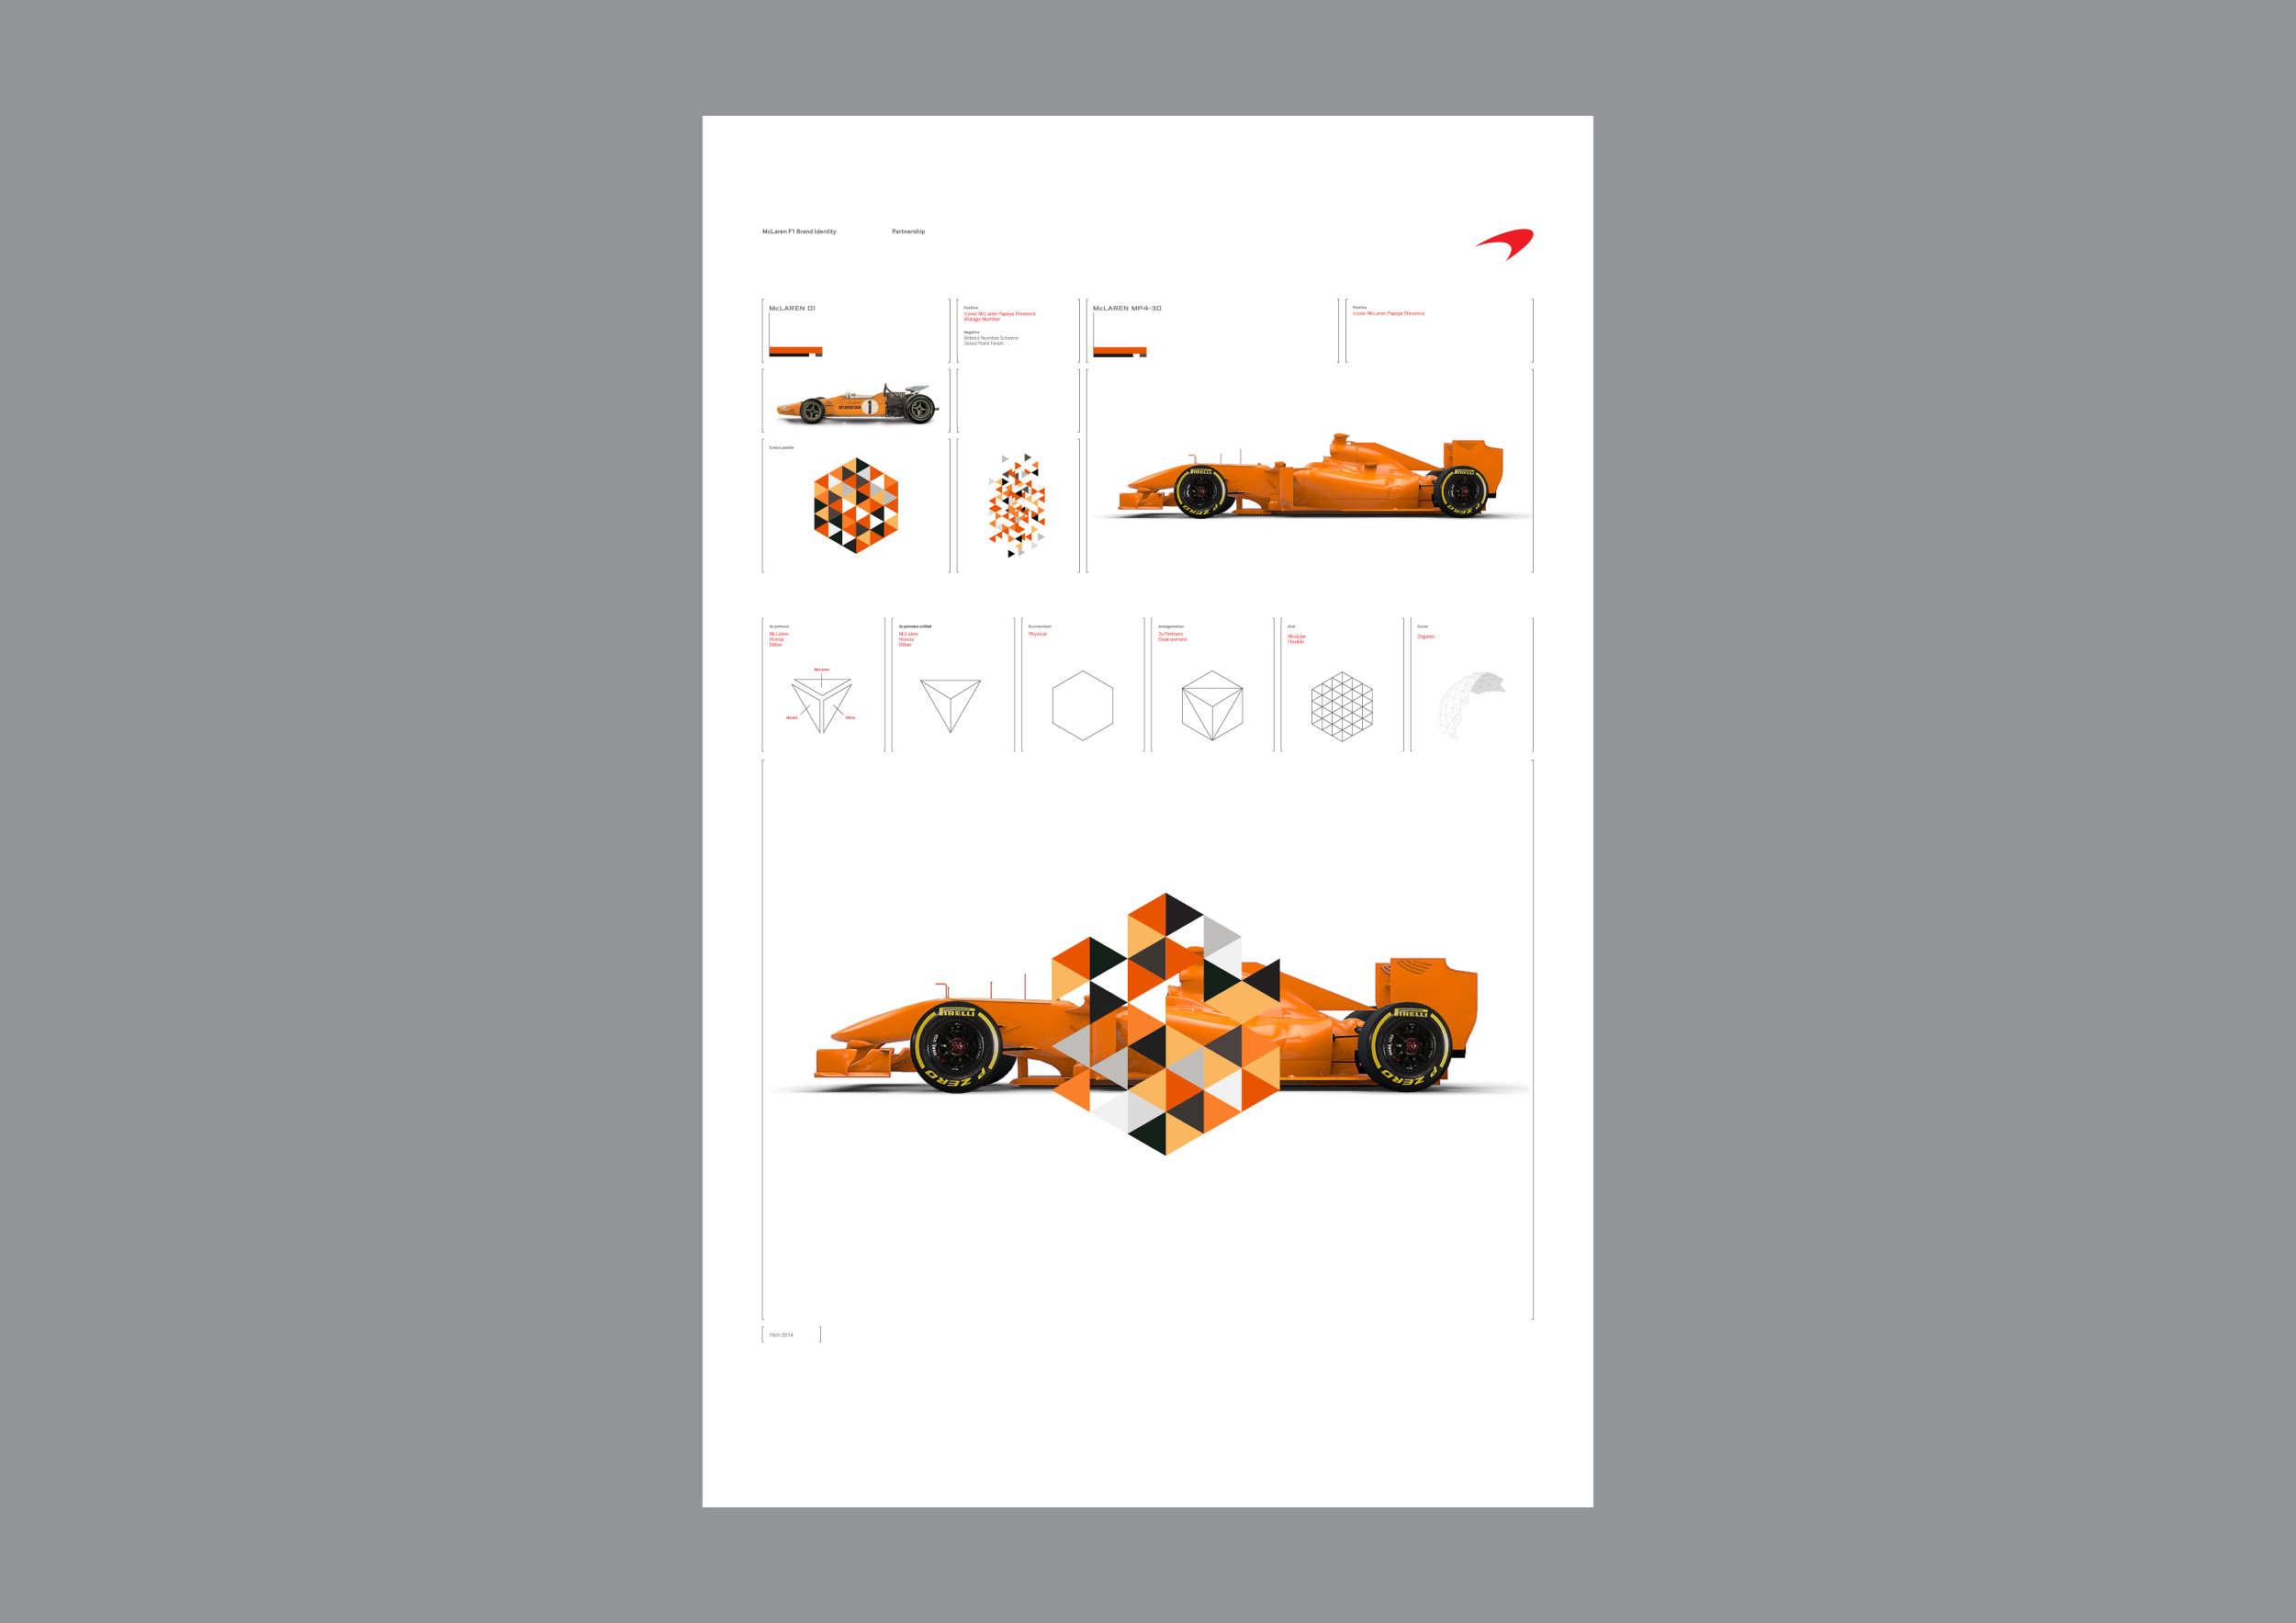 McLaren / F1 Brand Center - Julien Queyrane